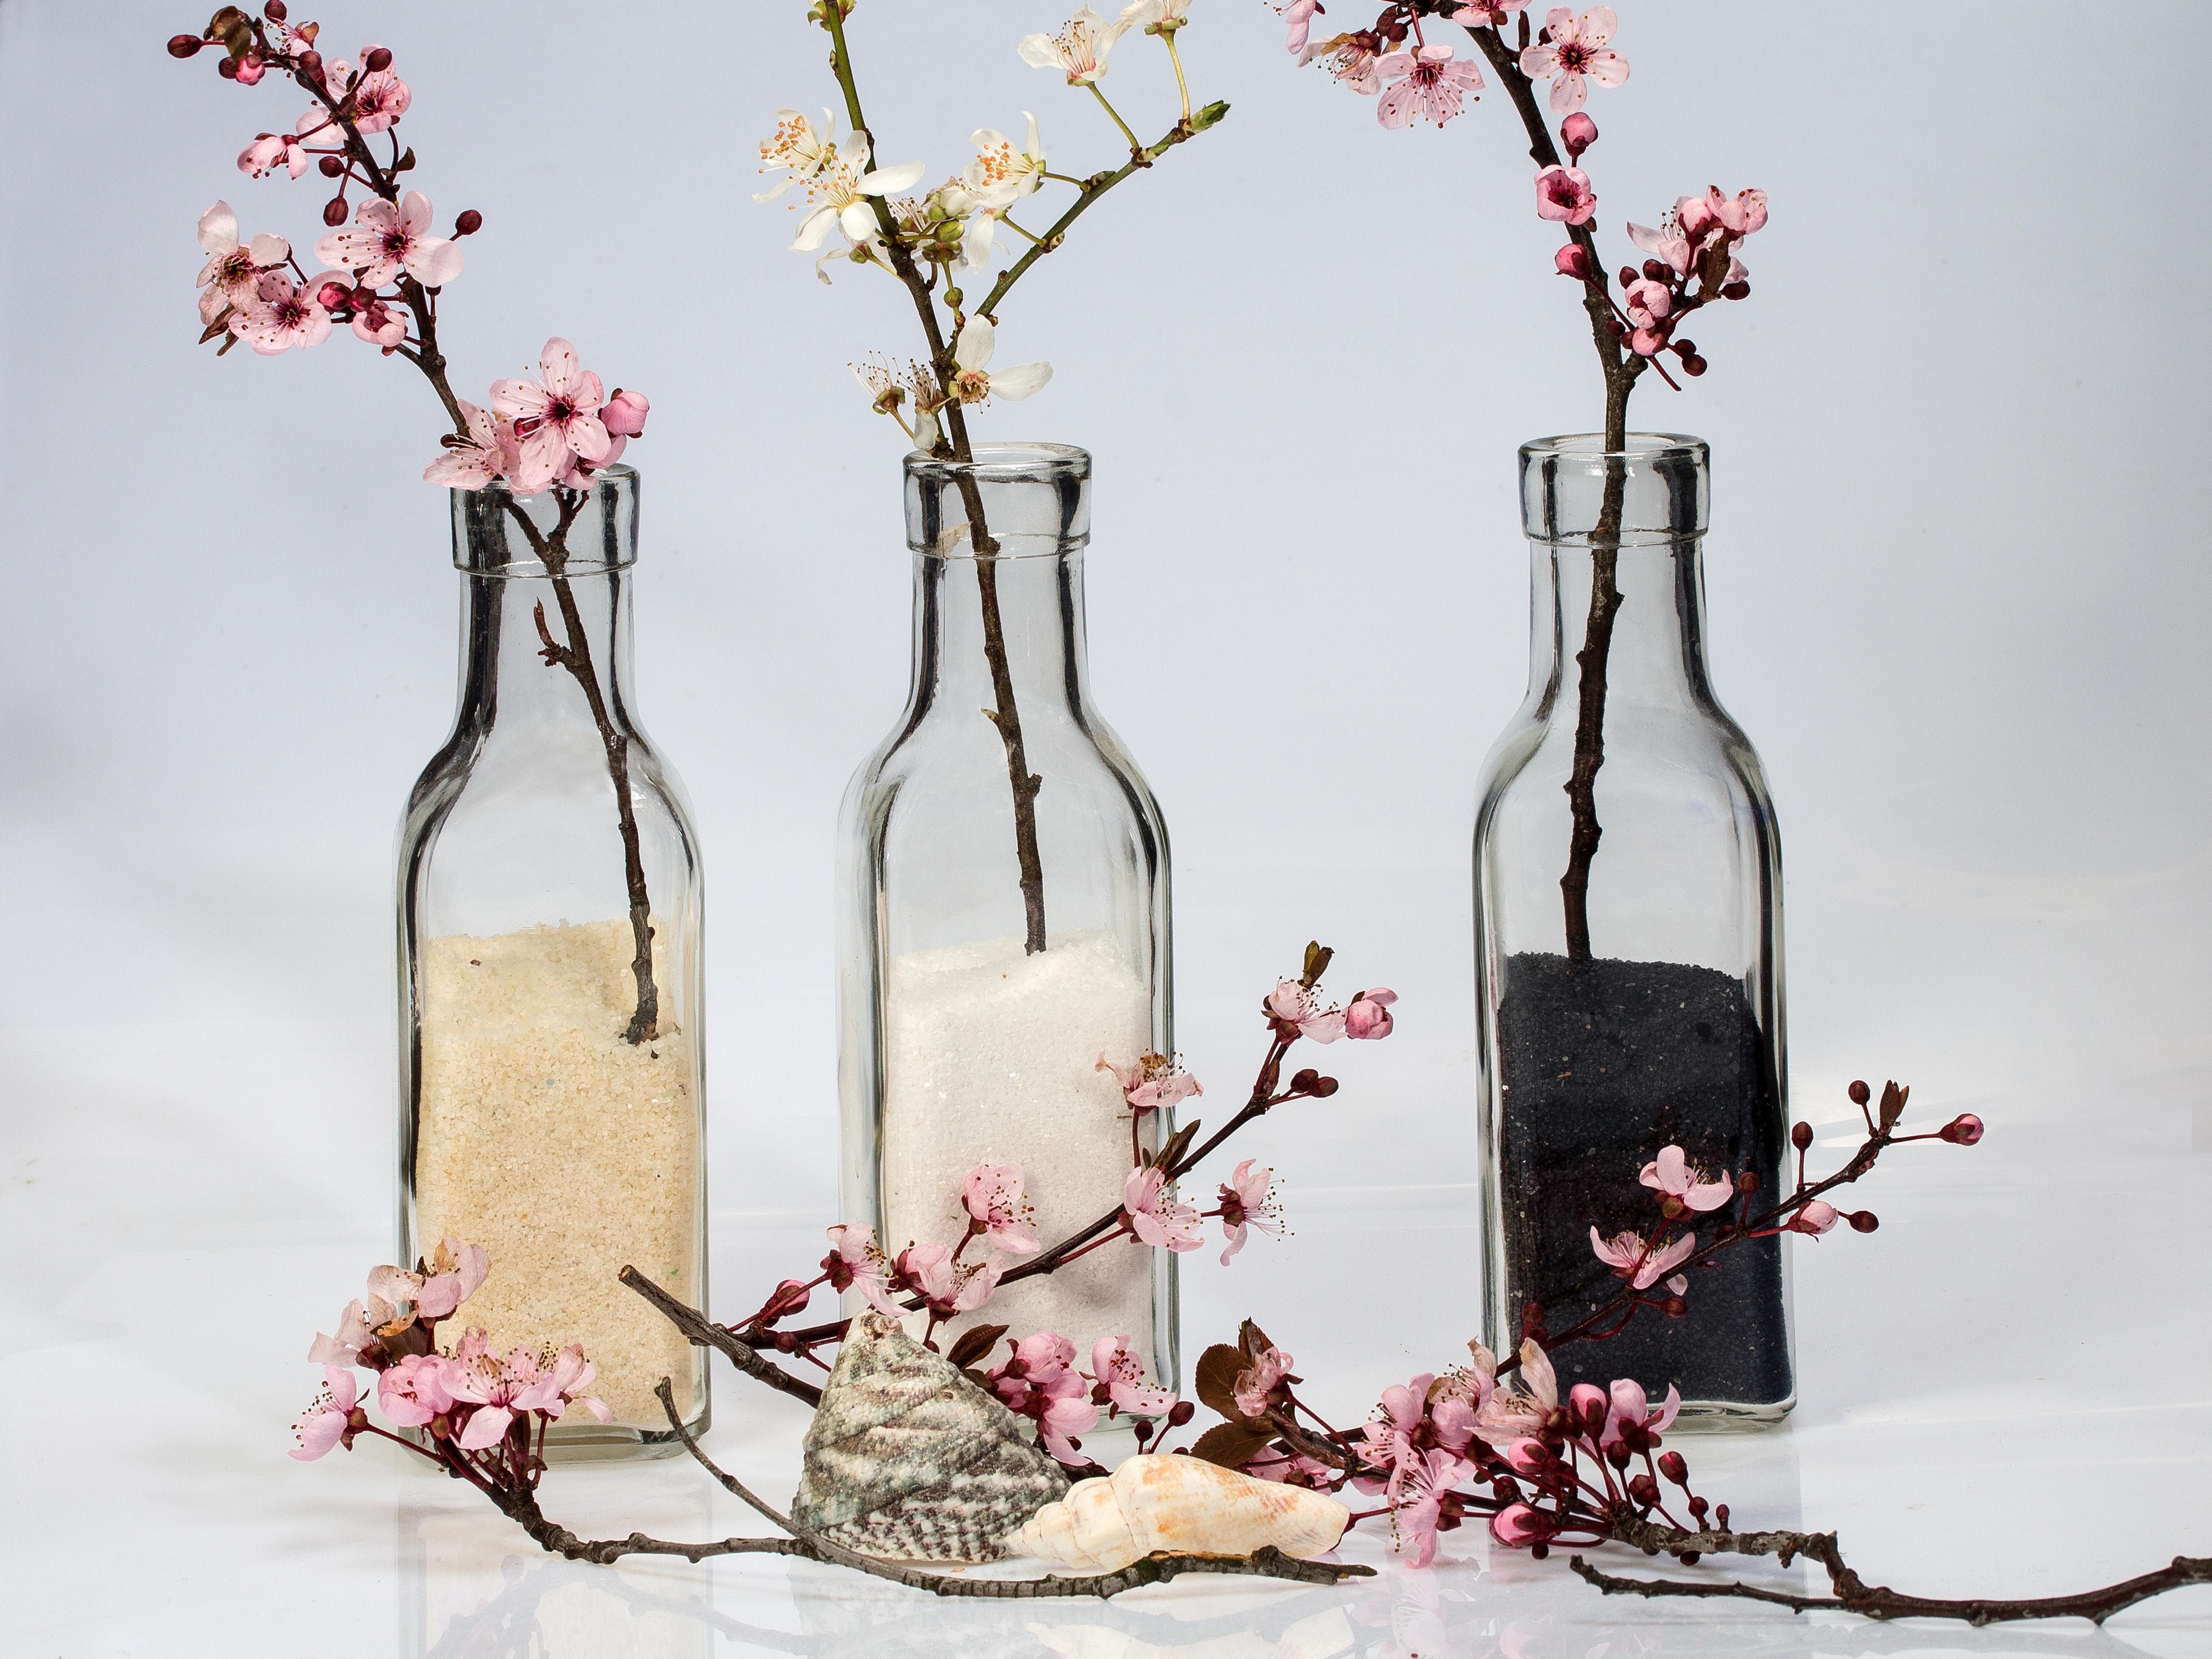 Fotoğraf şube çiçek Bardak Bahar Pembe Kiraz çiçeği Boyama